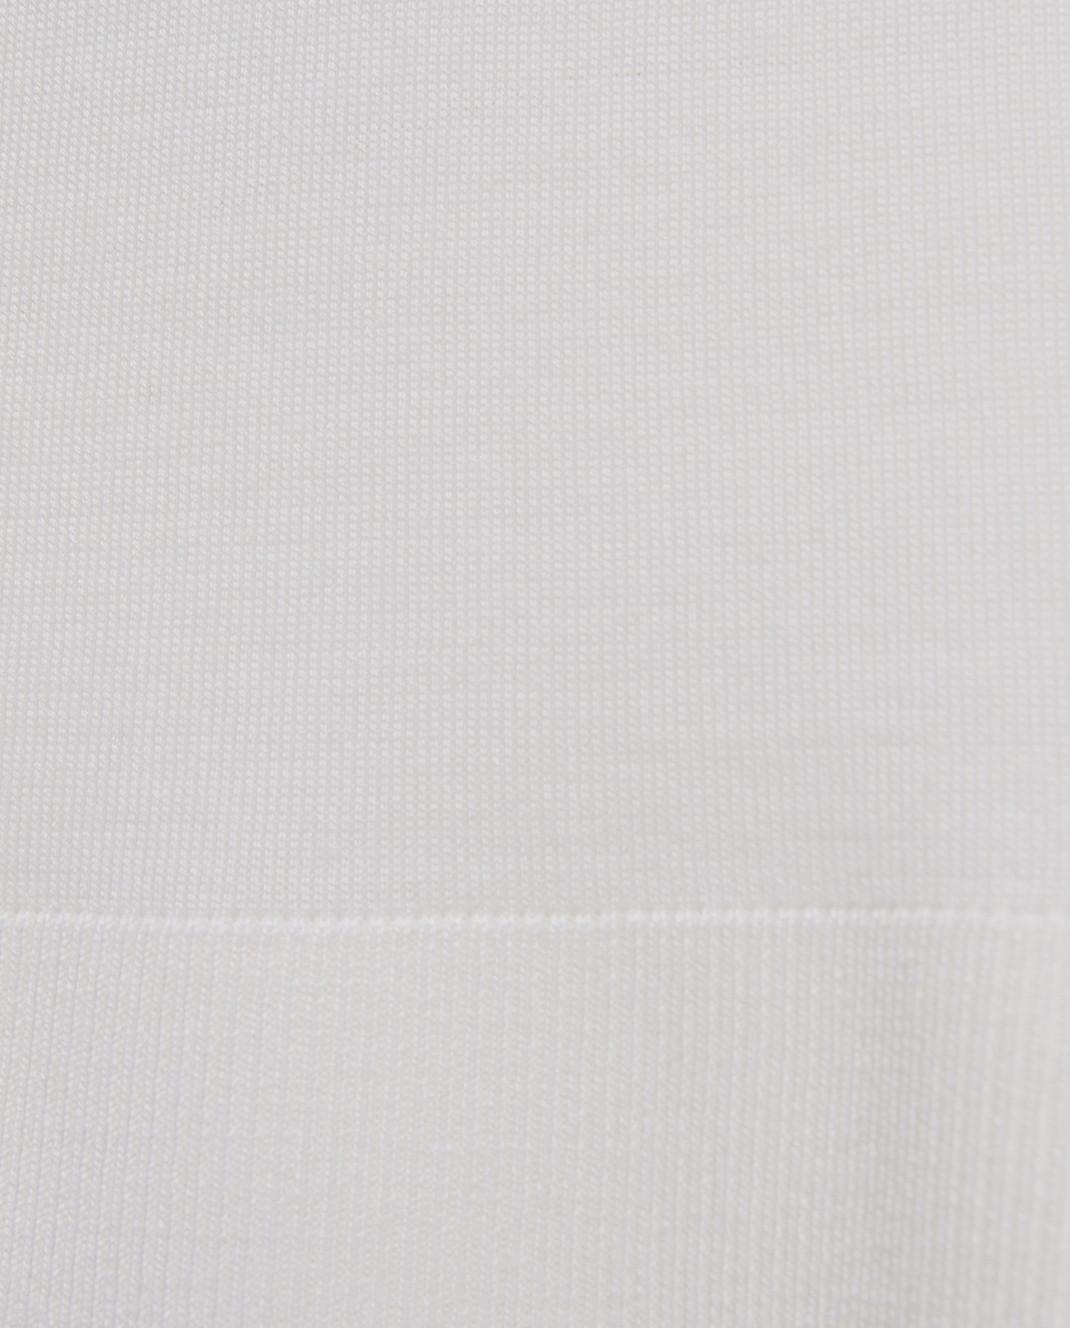 Maison Ullens Белый джемпер из кашемира и шелка TSS018 изображение 5